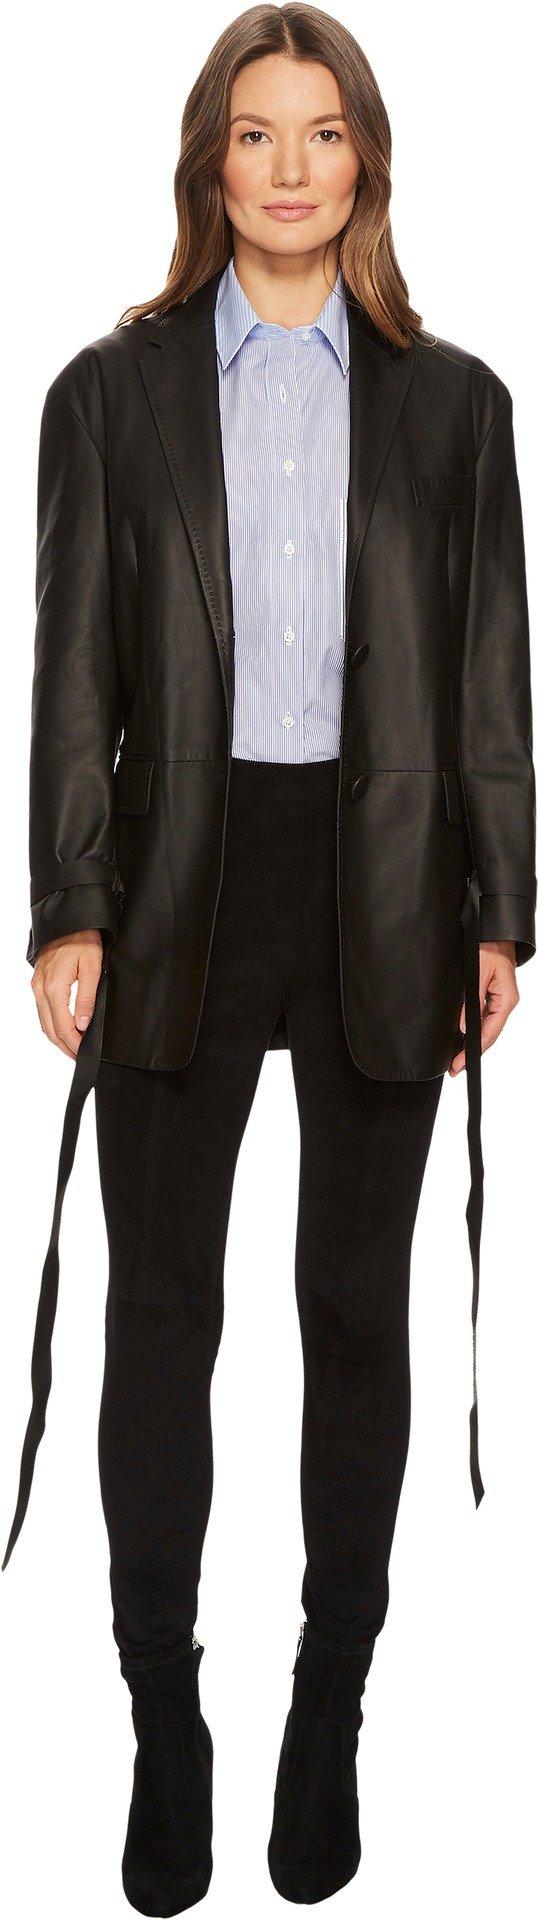 Neil Barrett Women's Fine Nappa 0.3 Open Leather Jacket Black Large